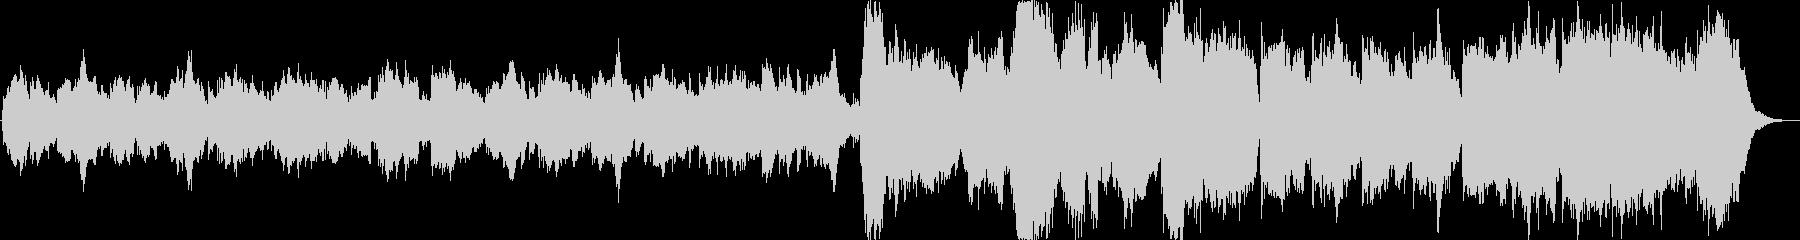 R.ワグナーによるブライダルコーラ...の未再生の波形